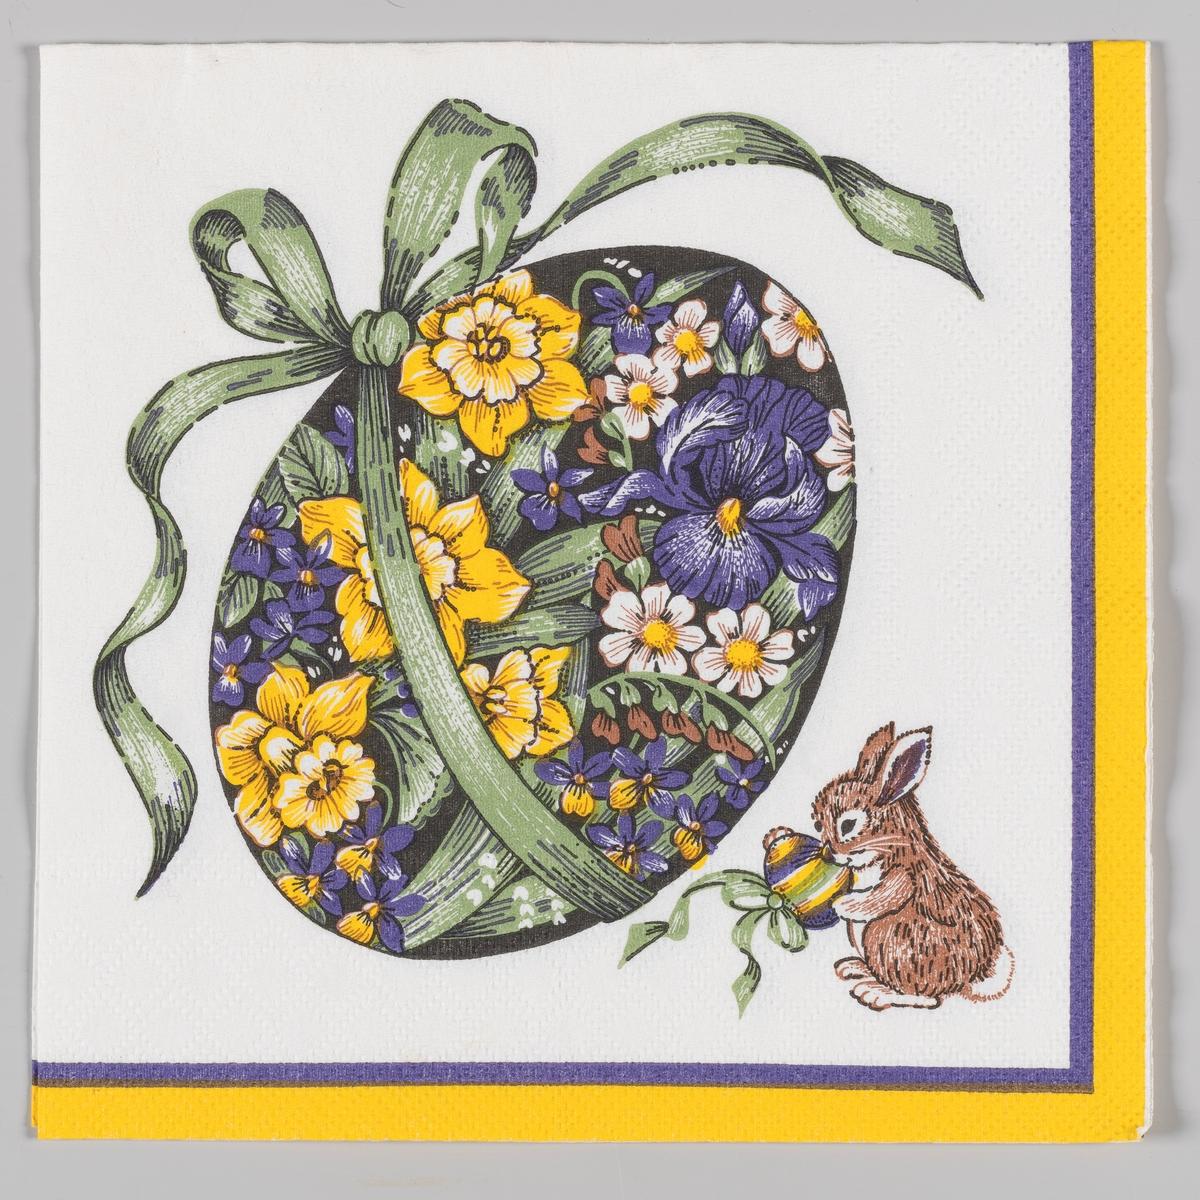 Et stort påskeegg med dekorert med blomstermotiver og ombundet med en stor grønn sløyfe. En liten hare med et stripet påskeegg med sløyfe. En lilla og gul kant.